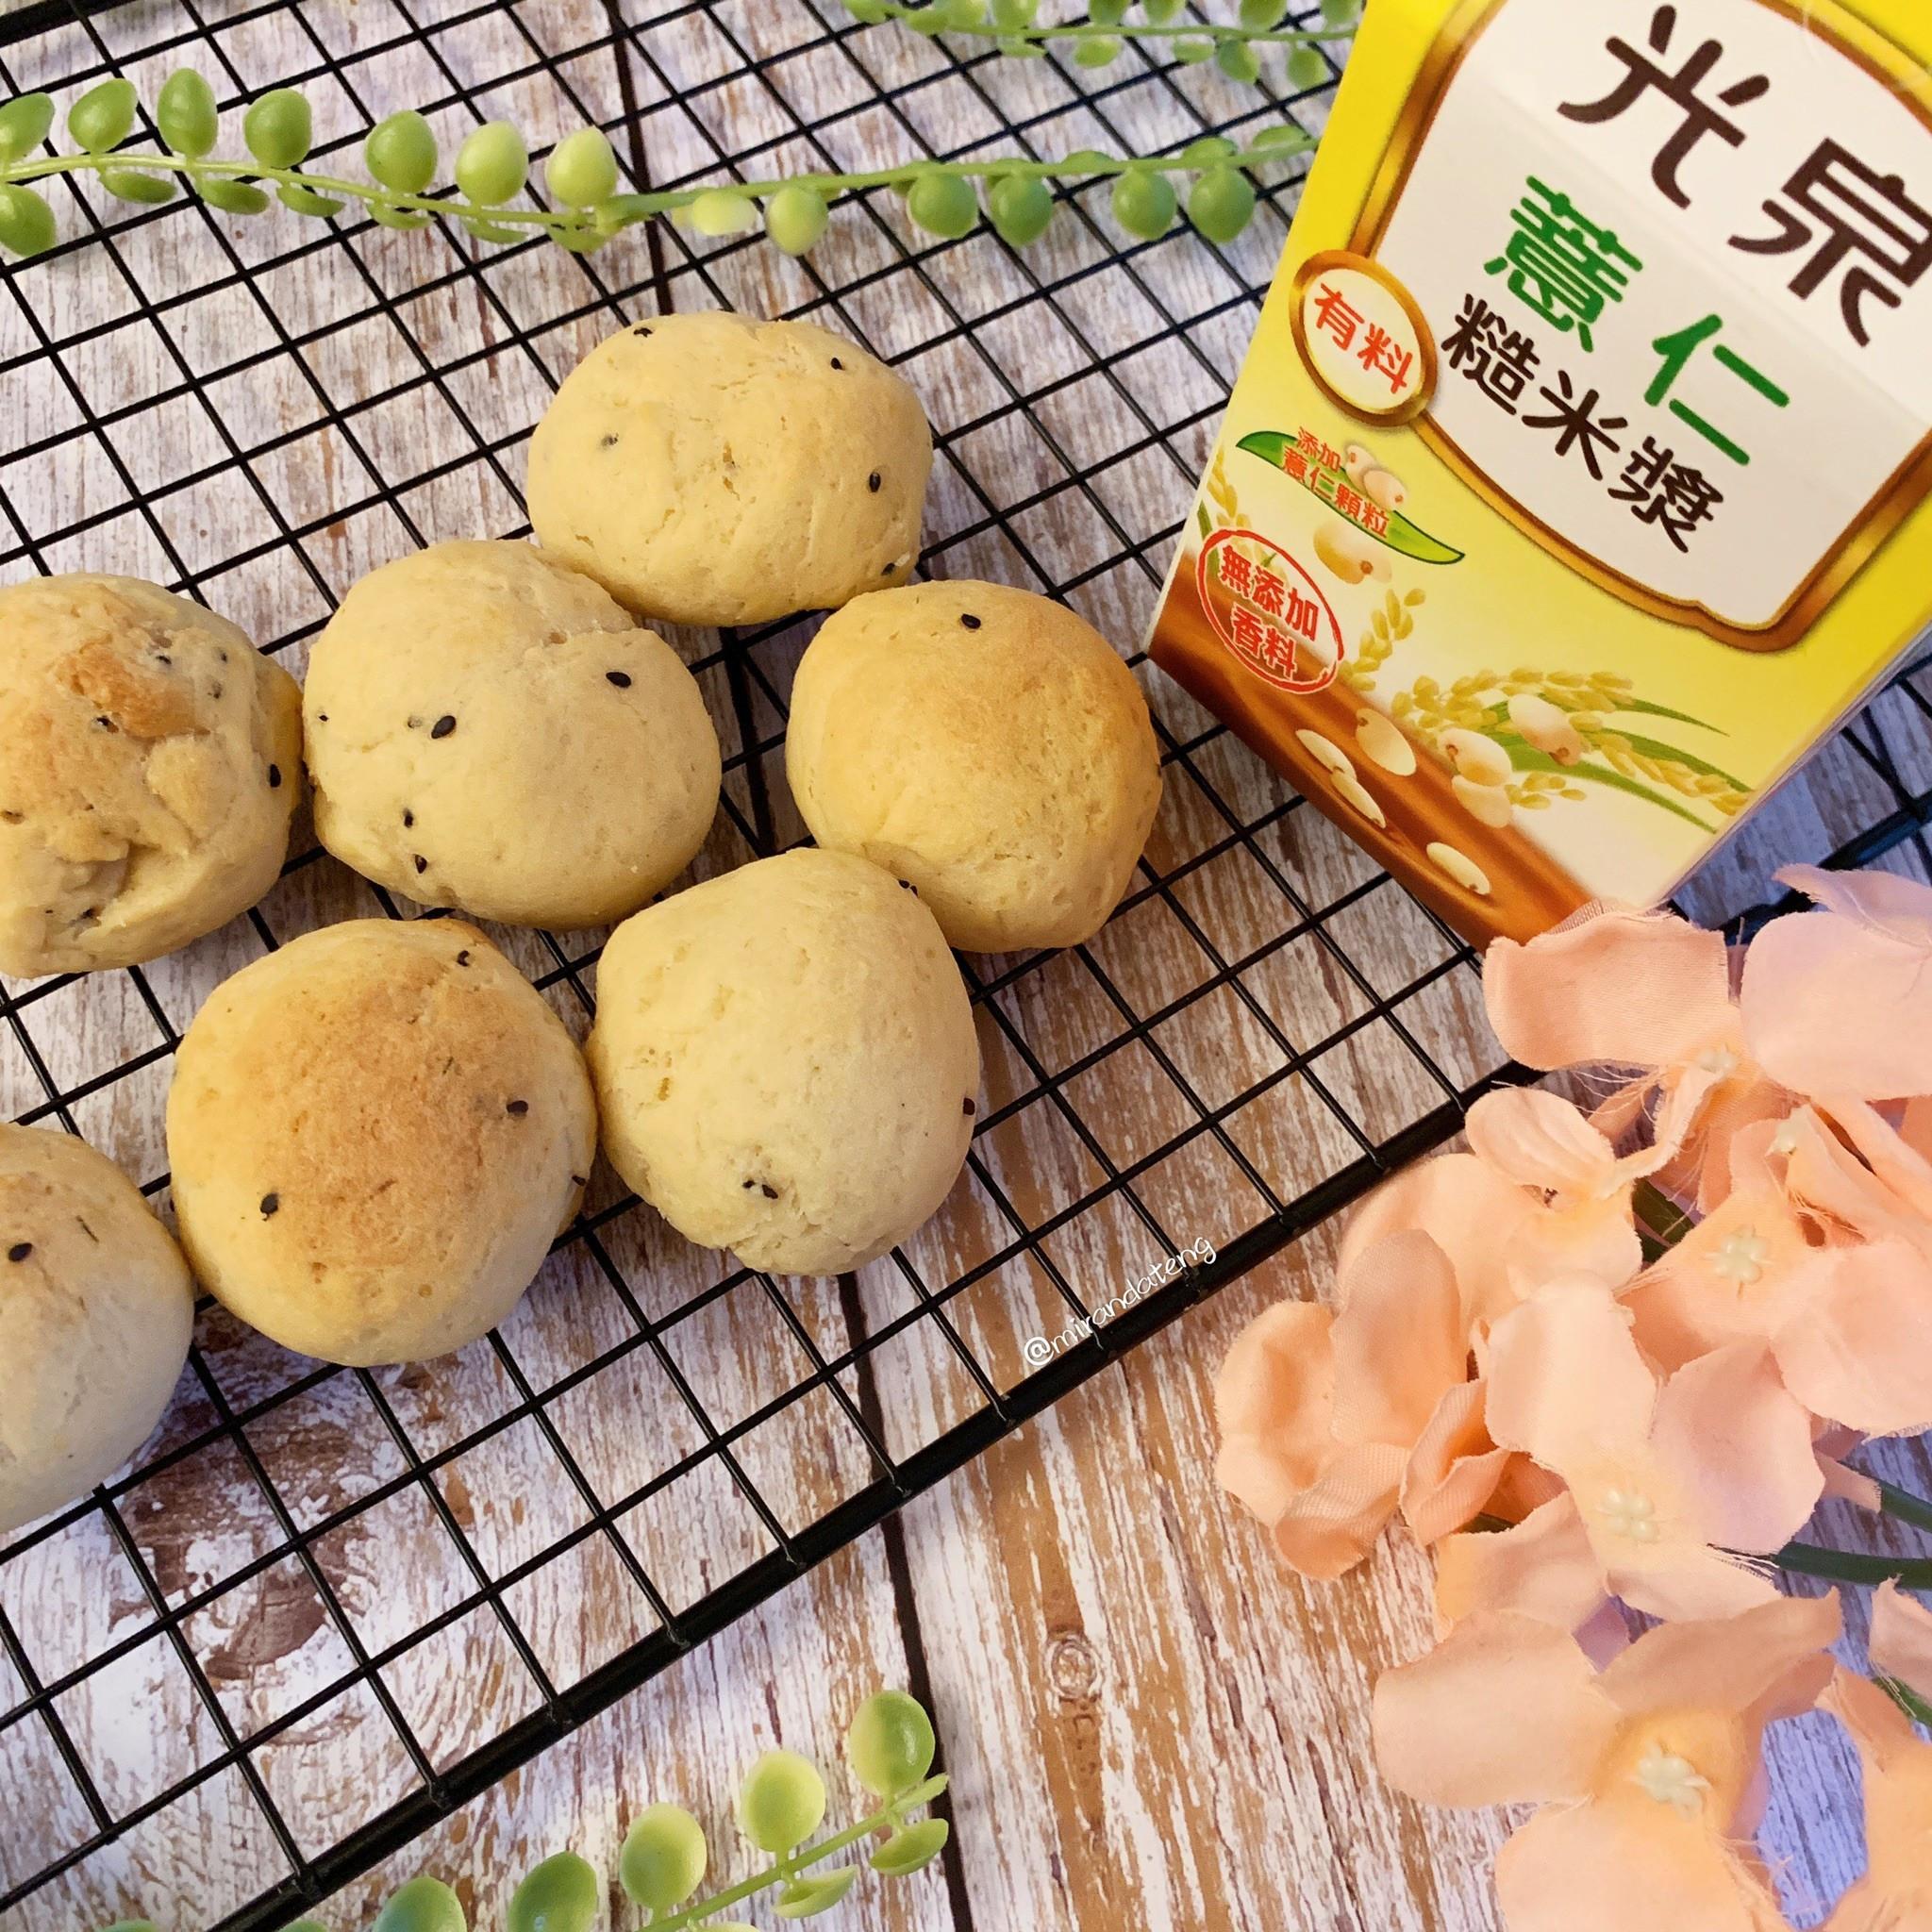 韓國麻糬球(薏仁米漿)